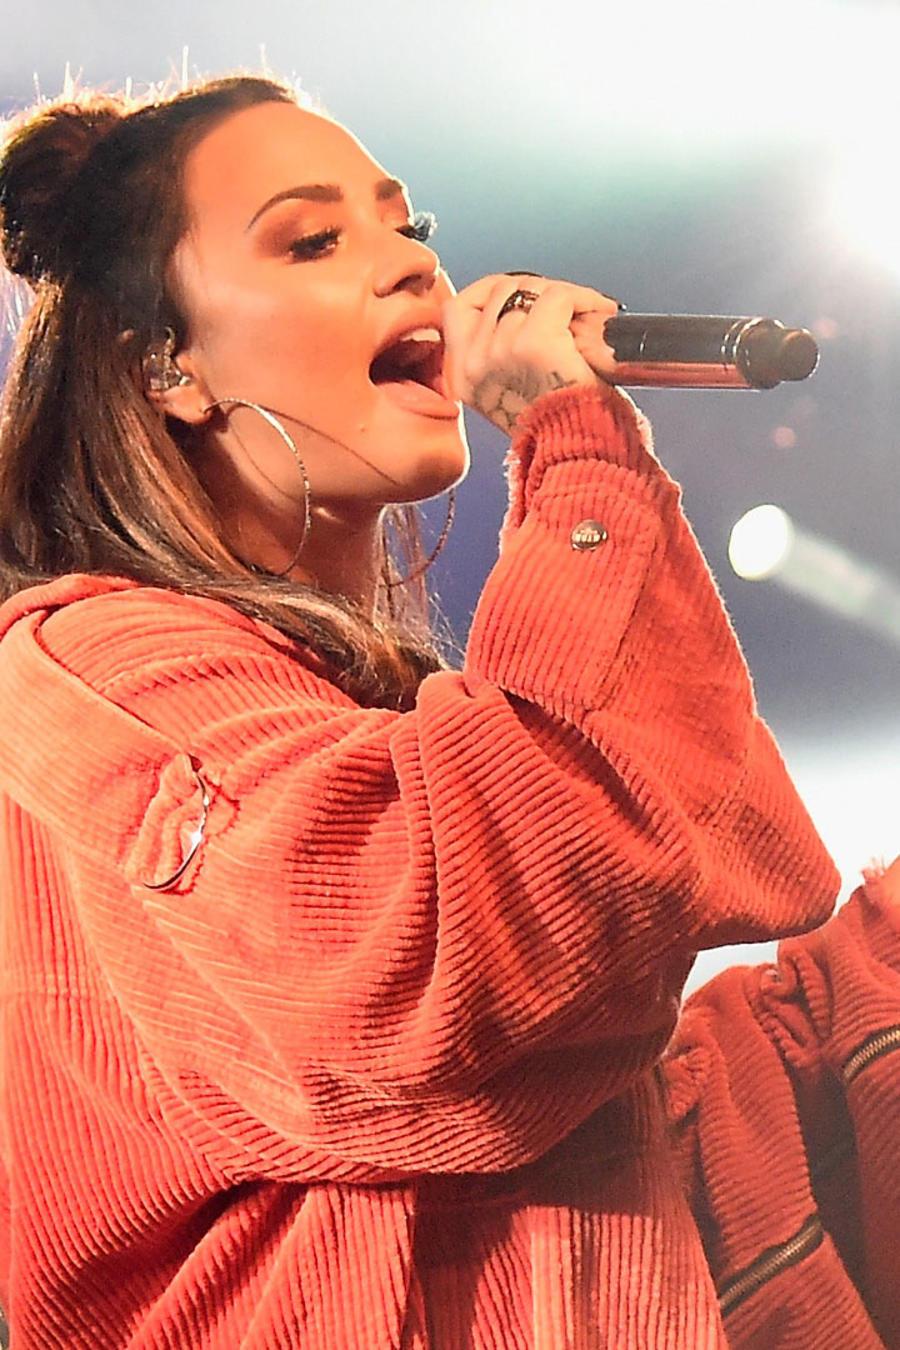 Demi Lovato cantando durante un concierto